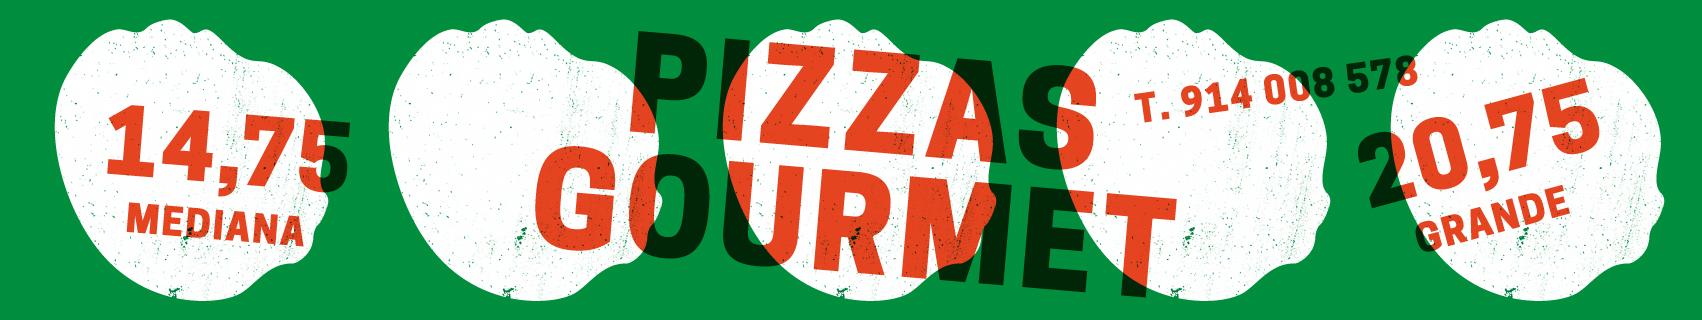 piazzere-pizzas-gourmnet.jpg